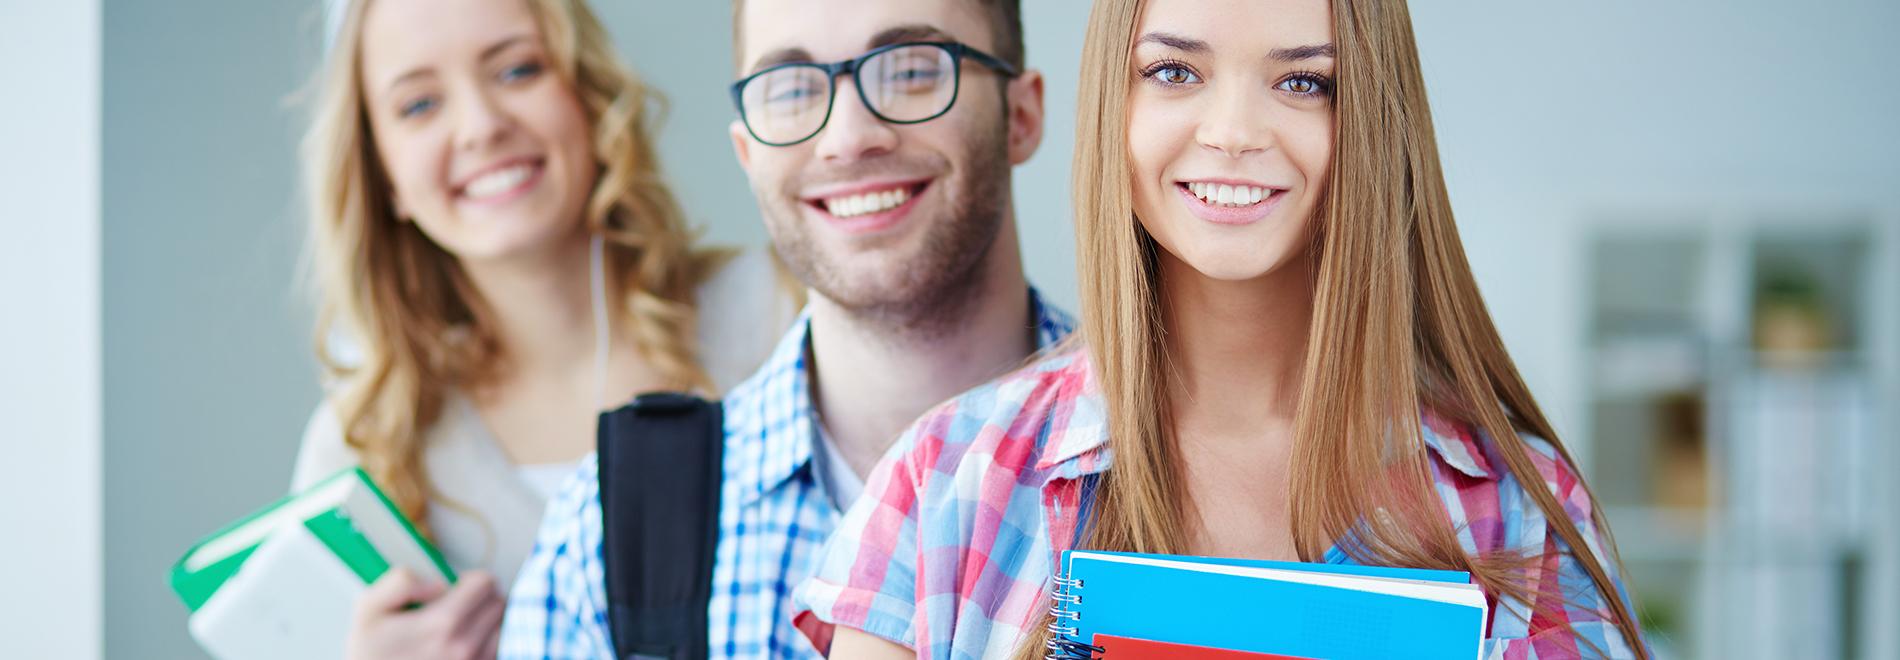 Cómo aprobar cualquier examen: 5 técnicas de estudio